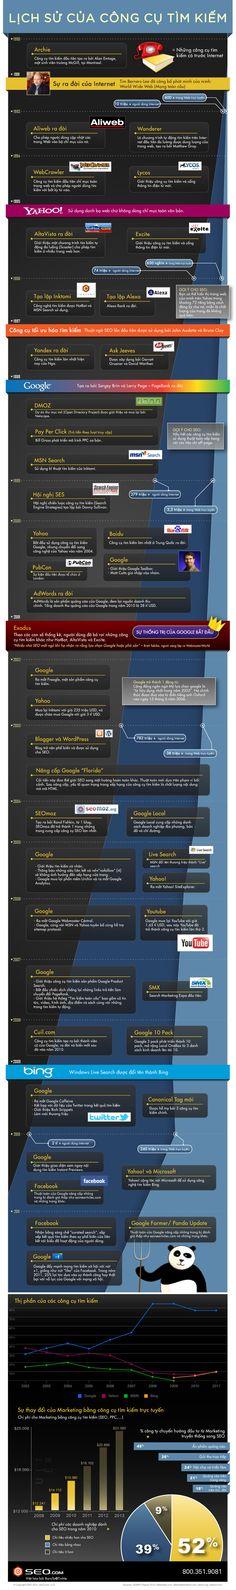 Lịch sử của công cụ tìm kiếm